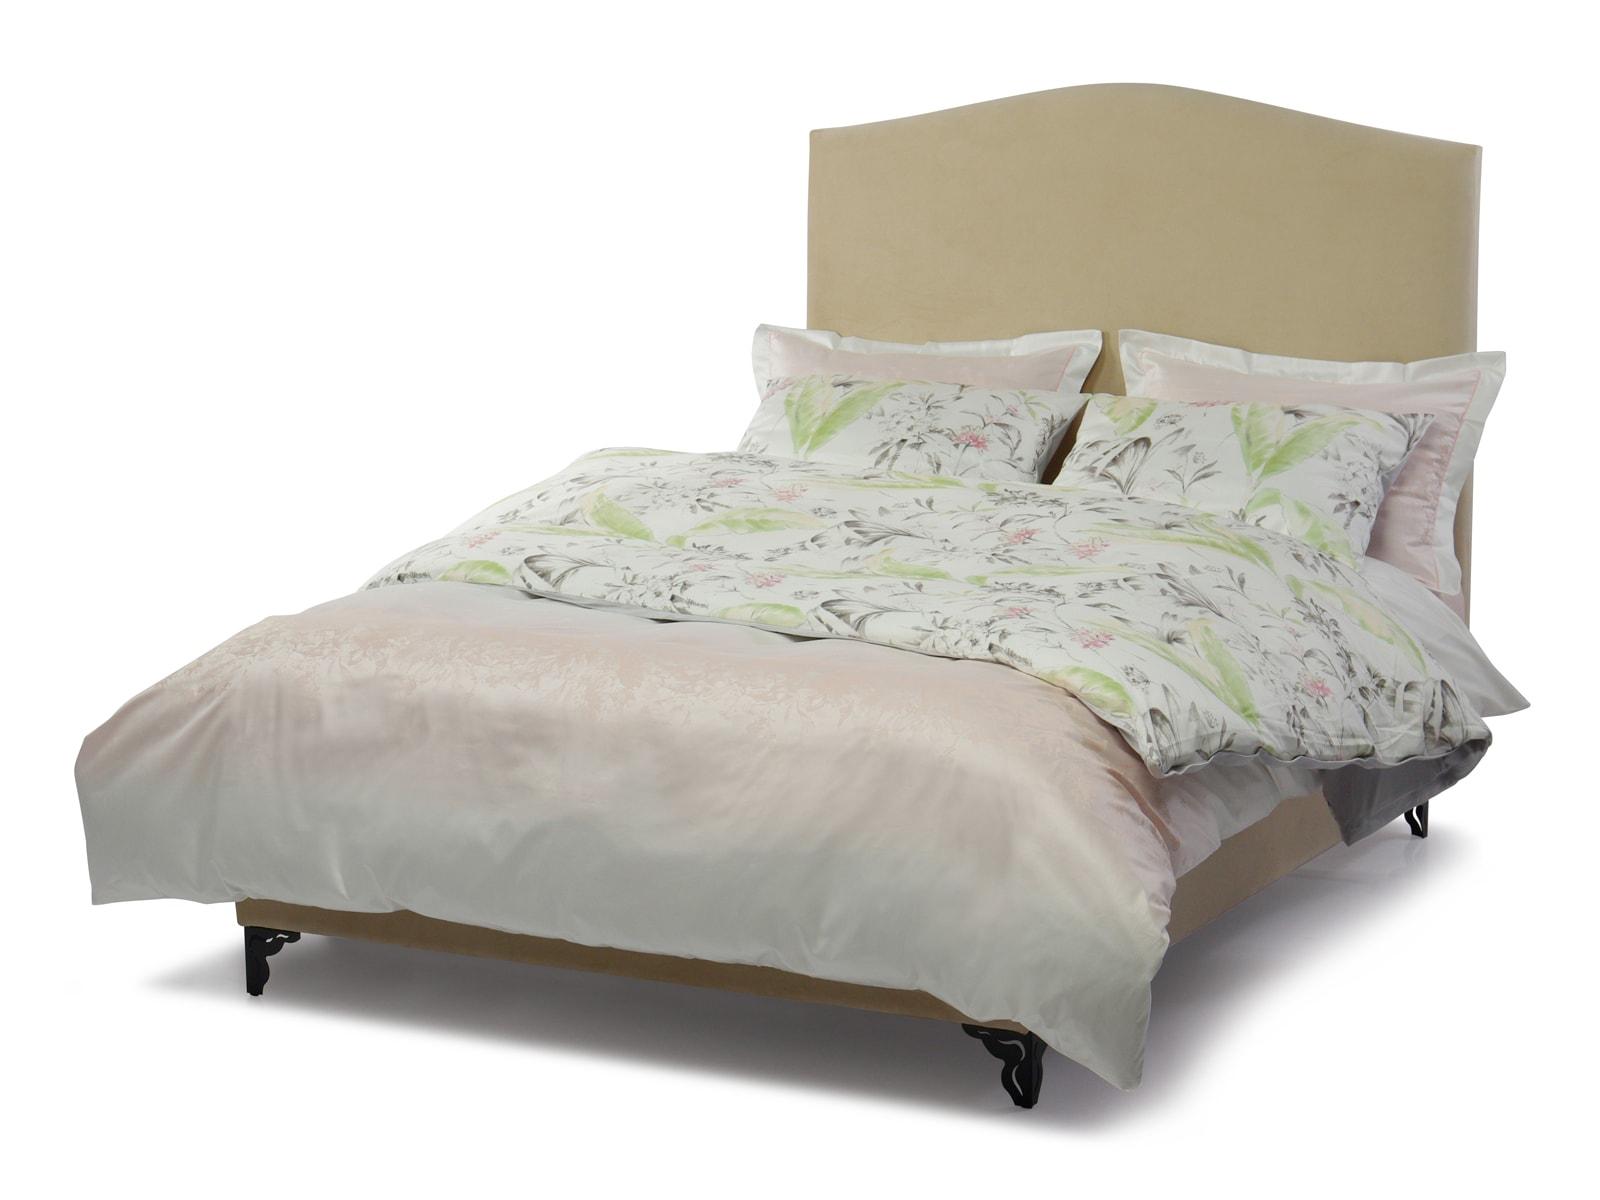 Кровать Chateau с подъемным механизмом бежевого цвета 180х200